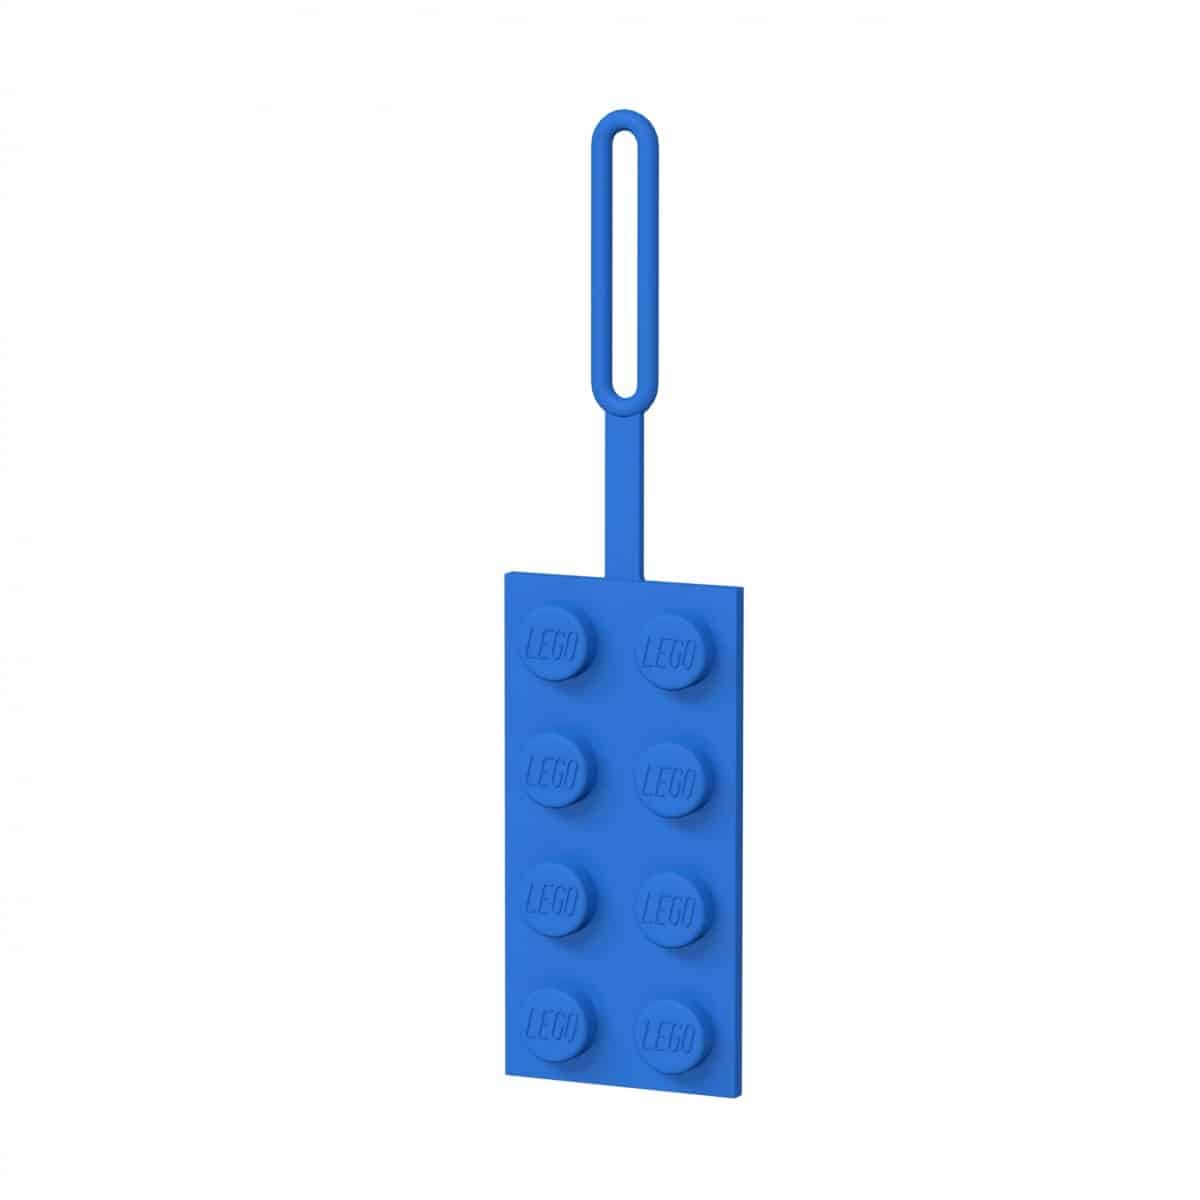 lego 5005543 etiquette de bagage bleue 2x4 scaled